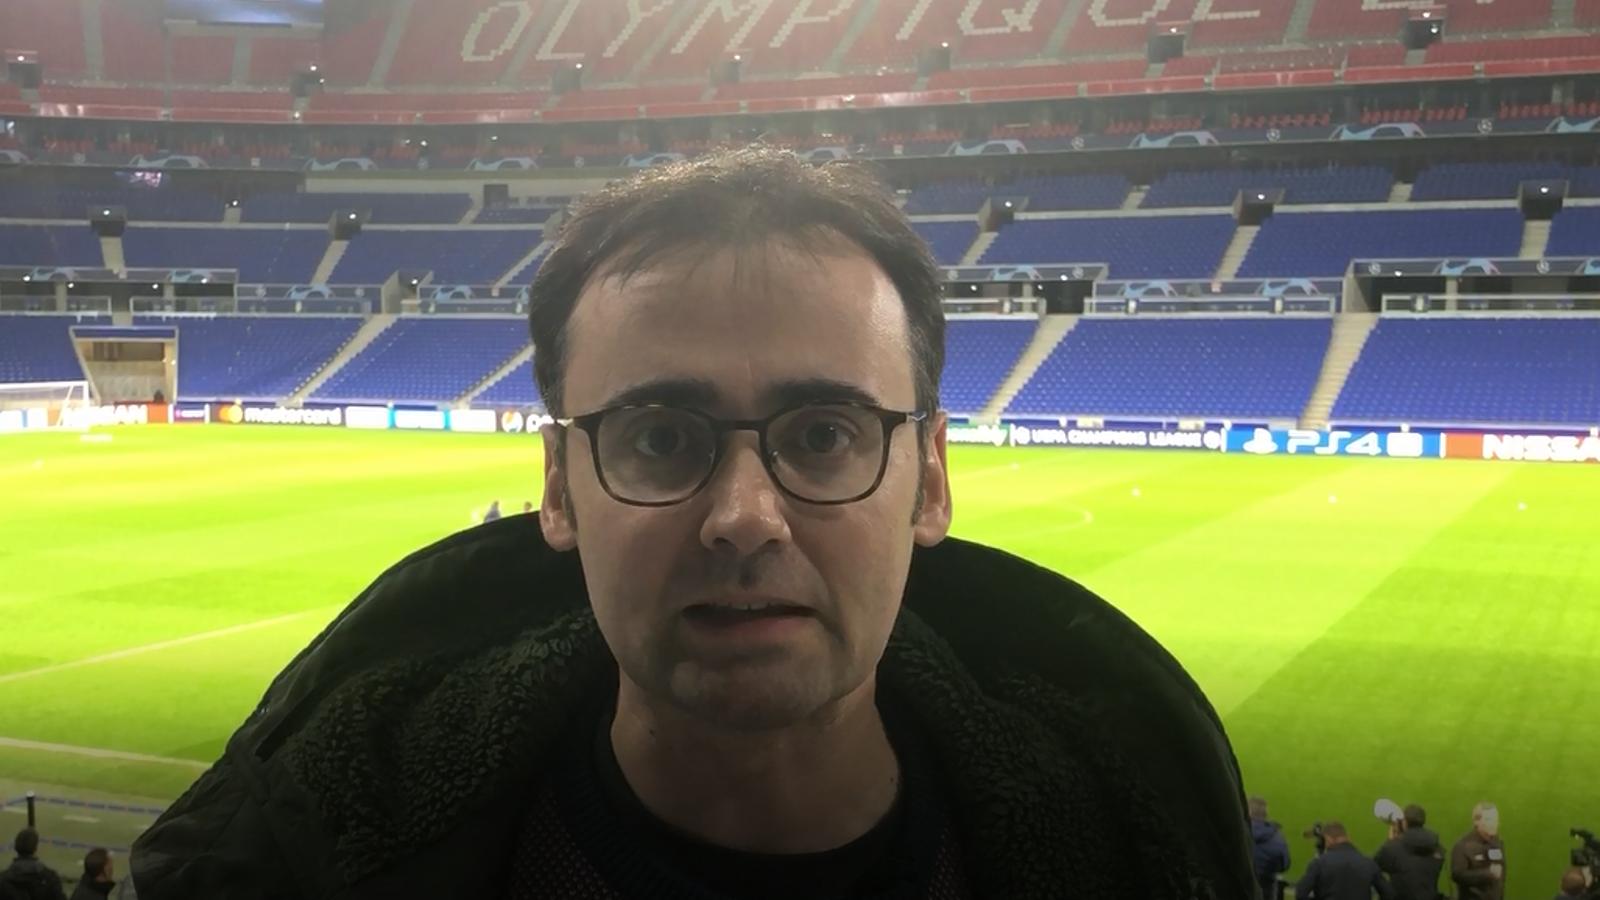 L'Olympique de Lió, un equip creat per un empresari ambiciós